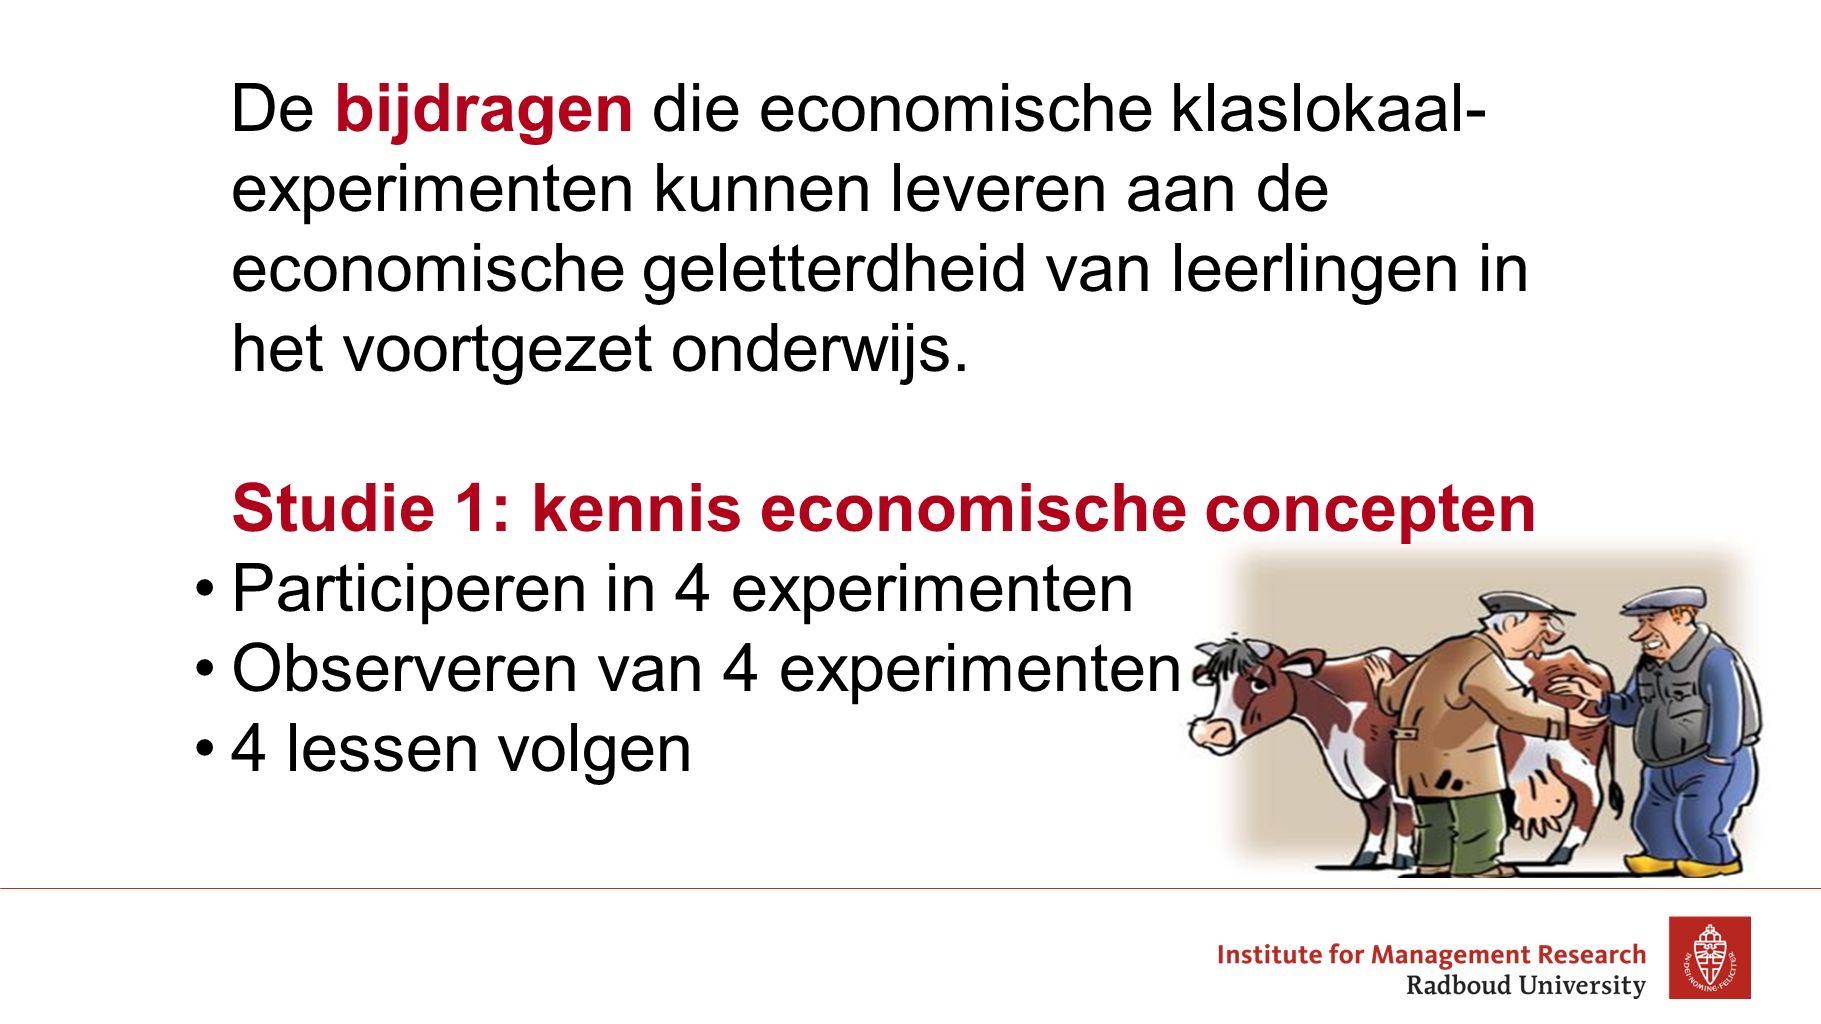 Studie 1: kennis economische concepten Participeren in 4 experimenten Observeren van 4 experimenten 4 lessen volgen